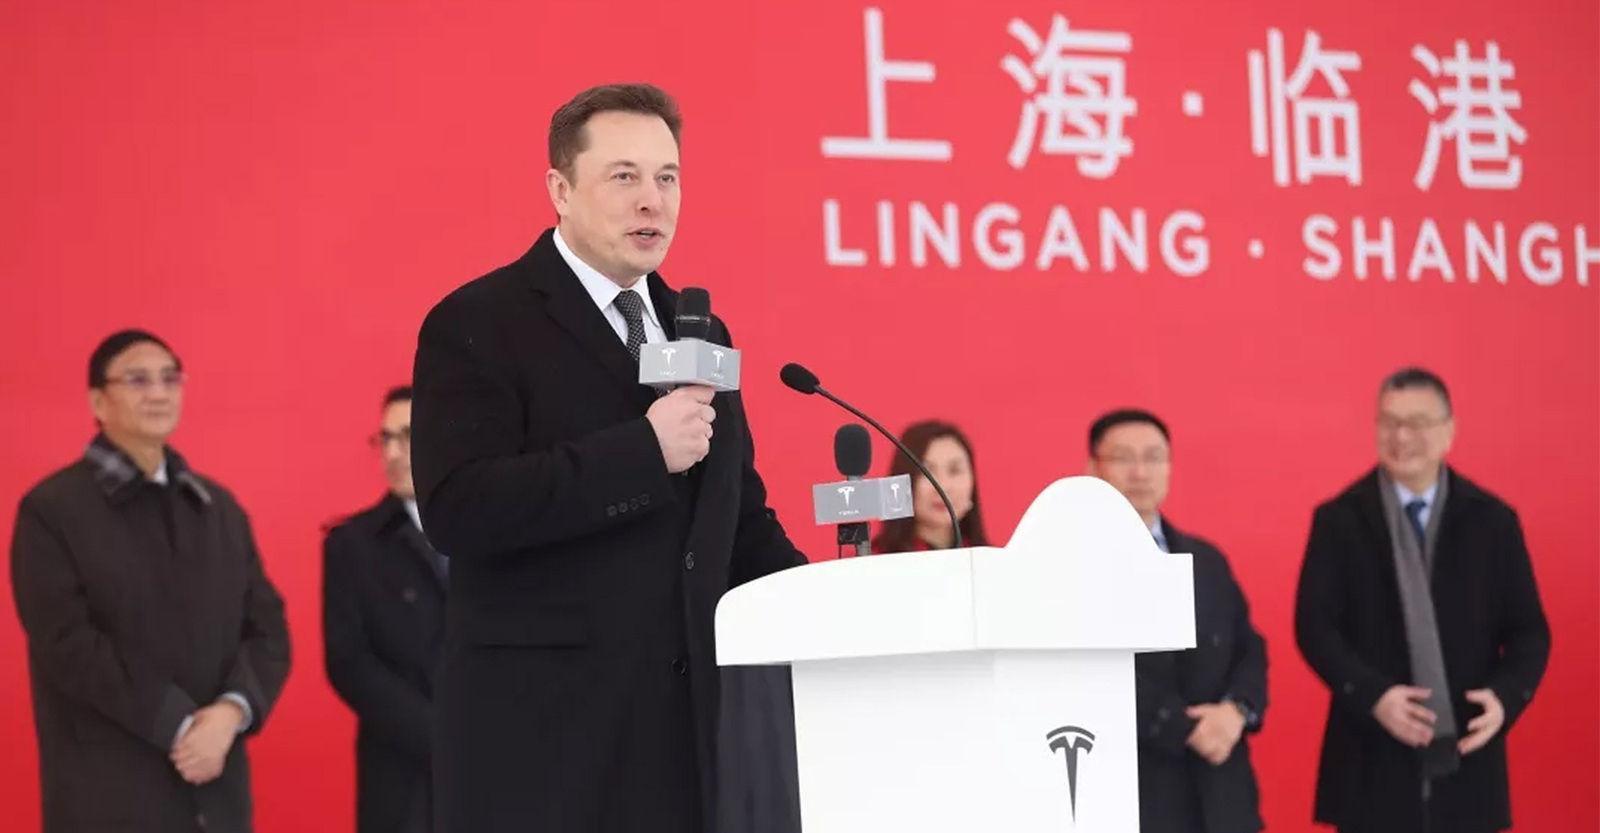 Тесла компани гадаад дахь анхны үйлдвэрийнхээ шавыг Шанхайд тавилаа